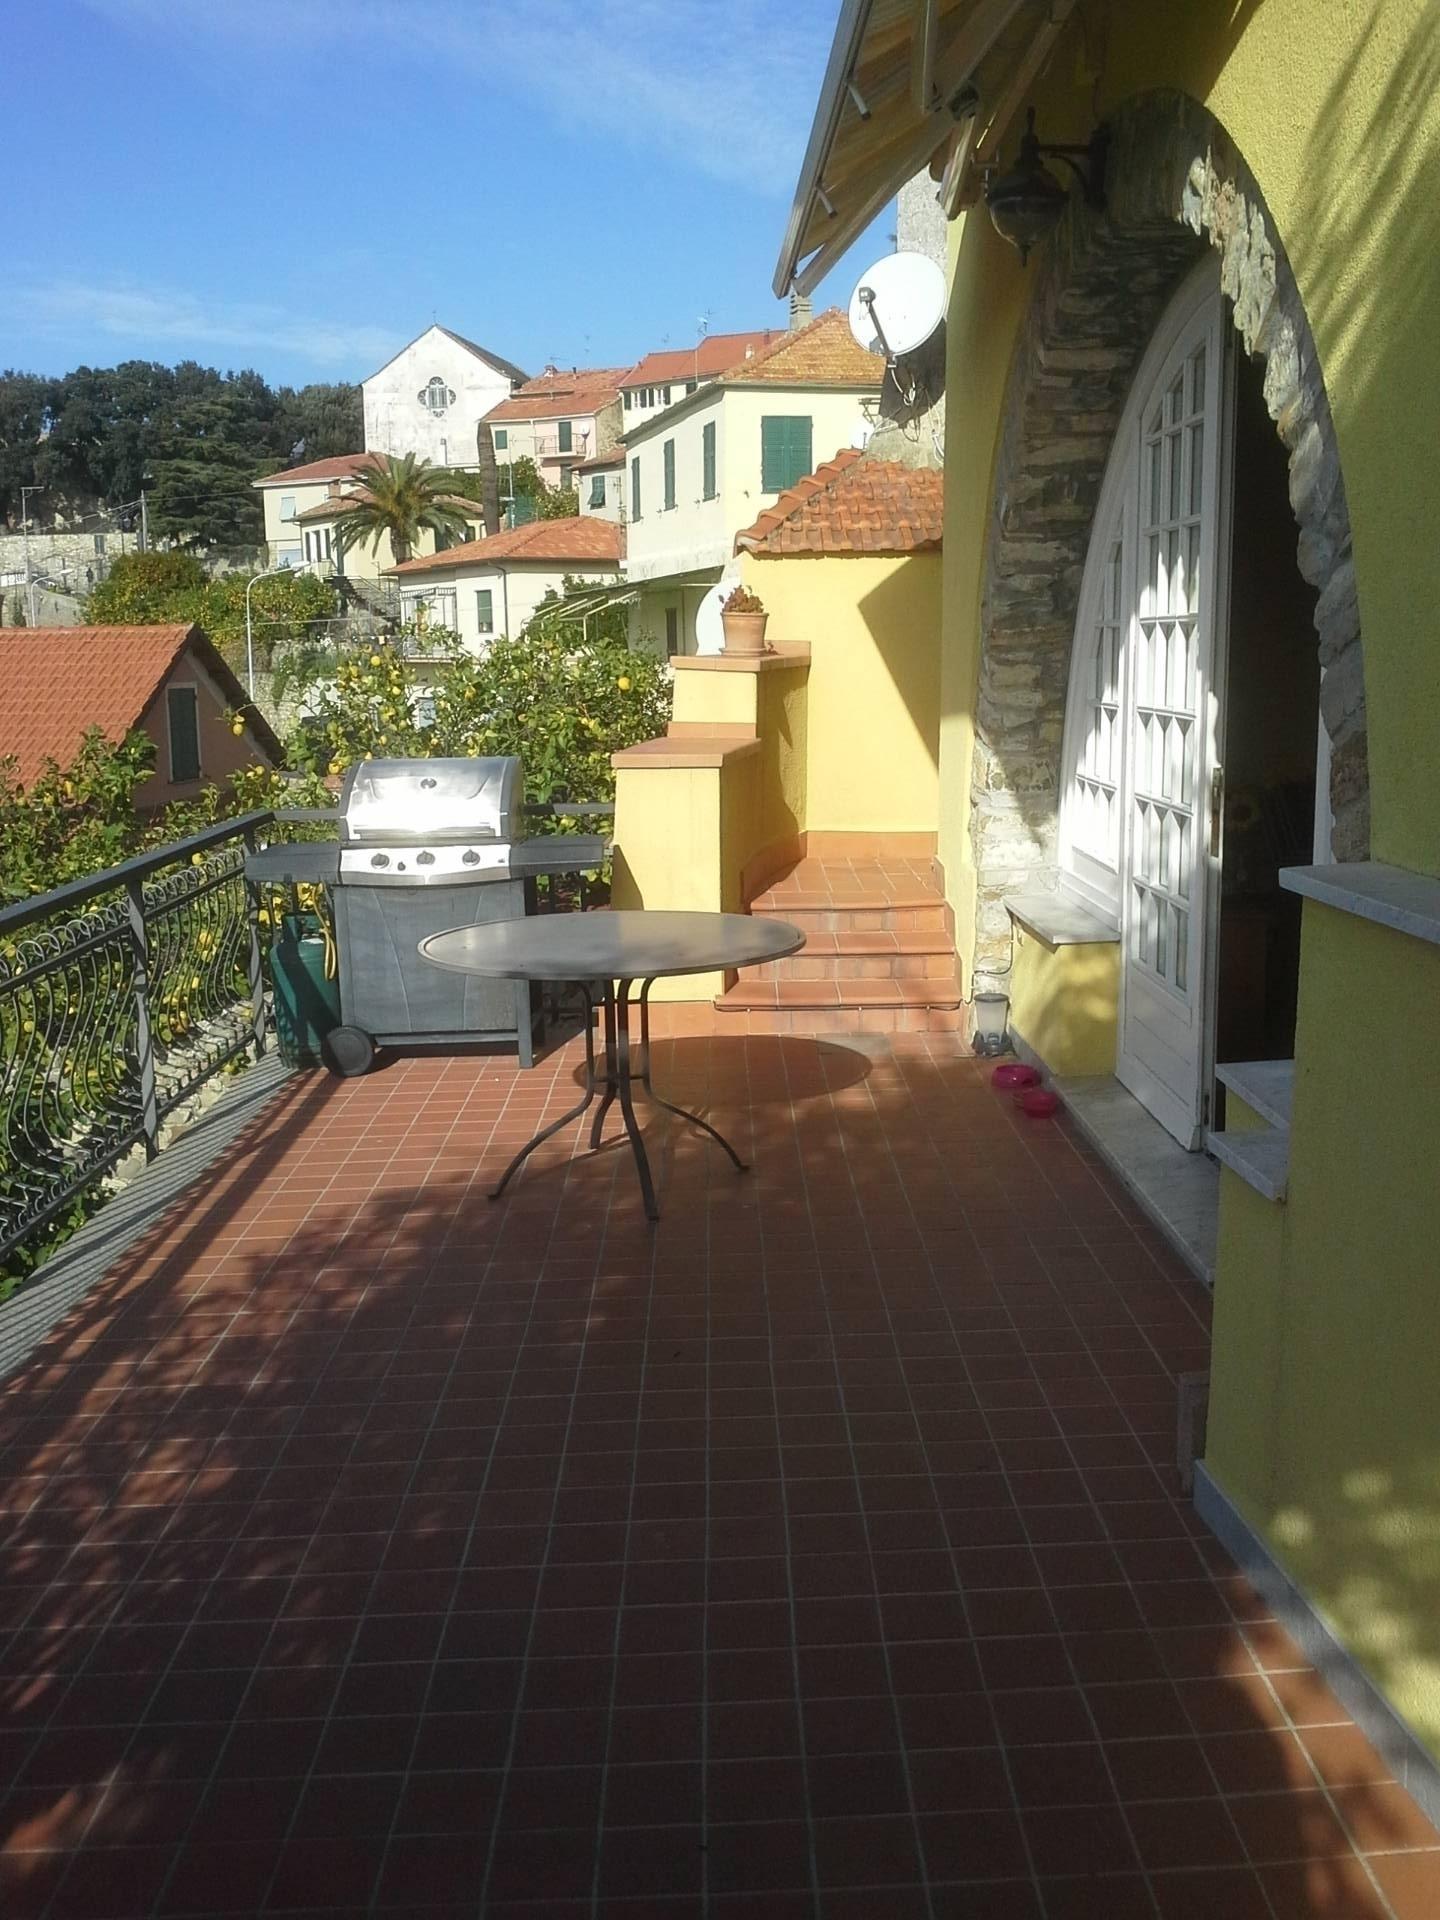 Villa in vendita a Diano Castello, 5 locali, prezzo € 450.000 | CambioCasa.it